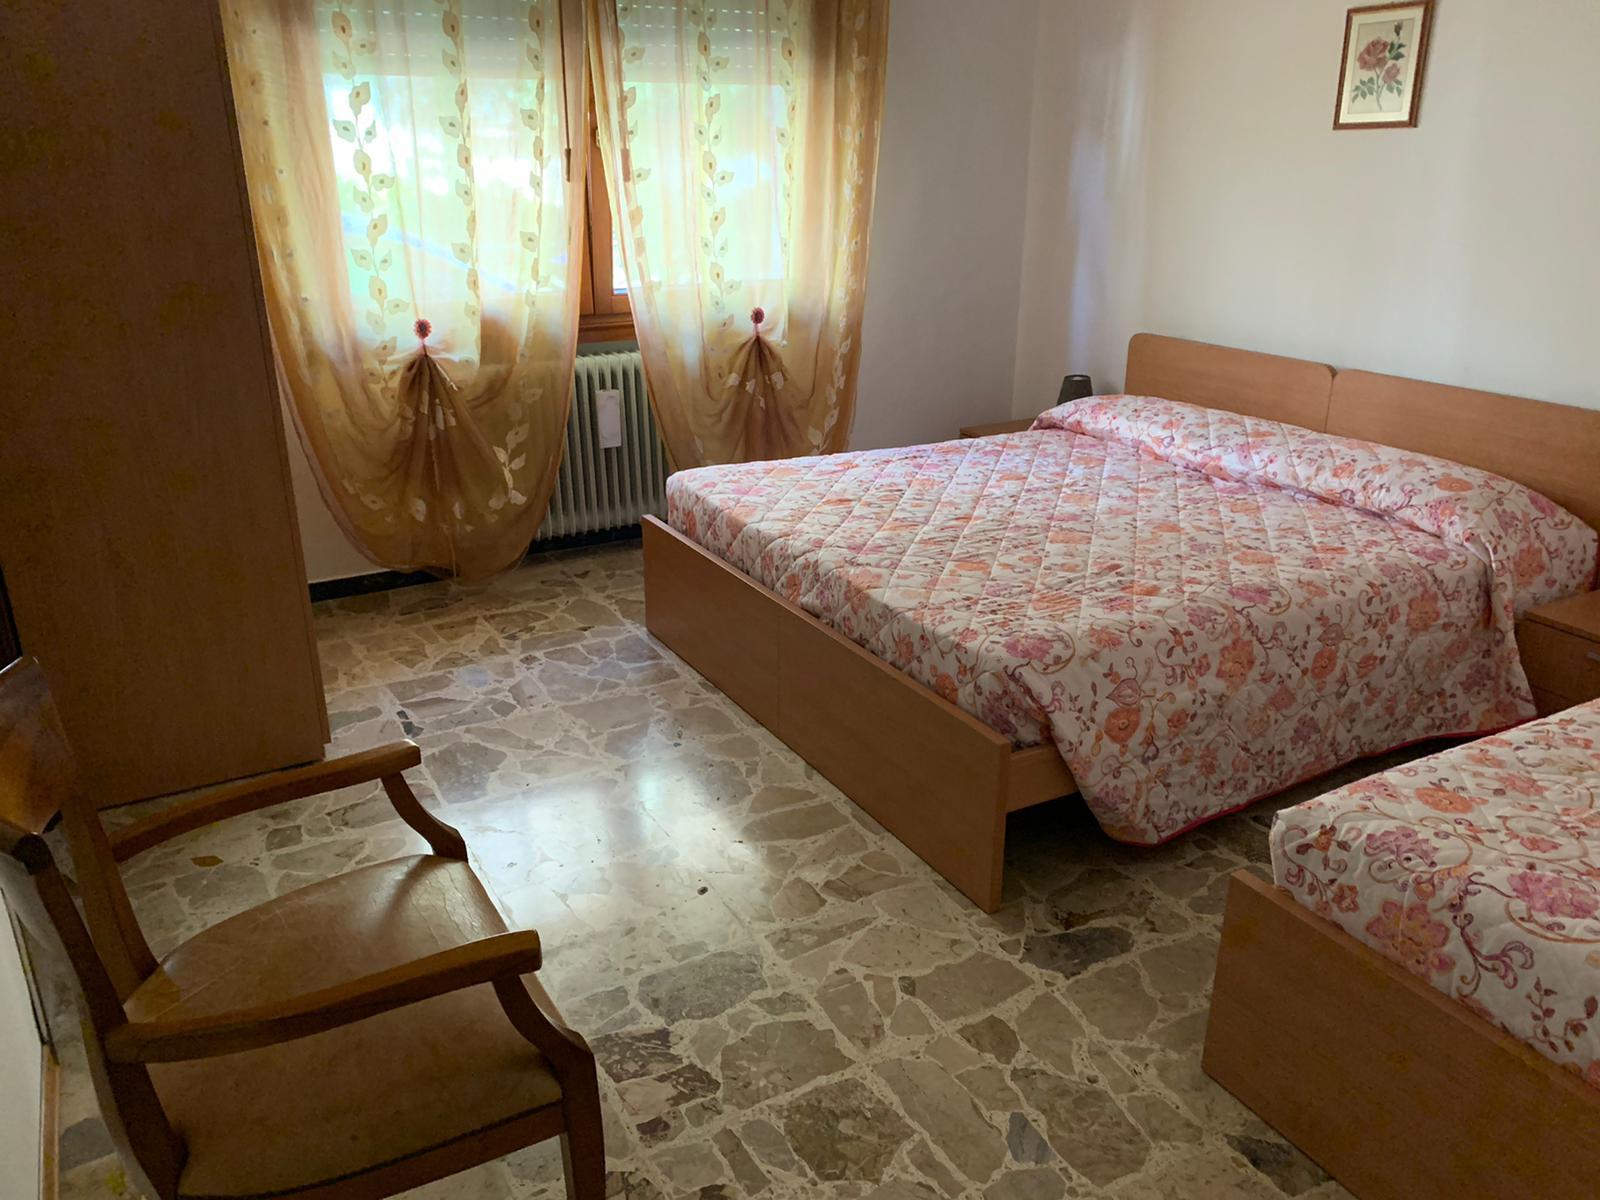 La casa AIL di Mirano preparata per accogliere un nuovo paziente